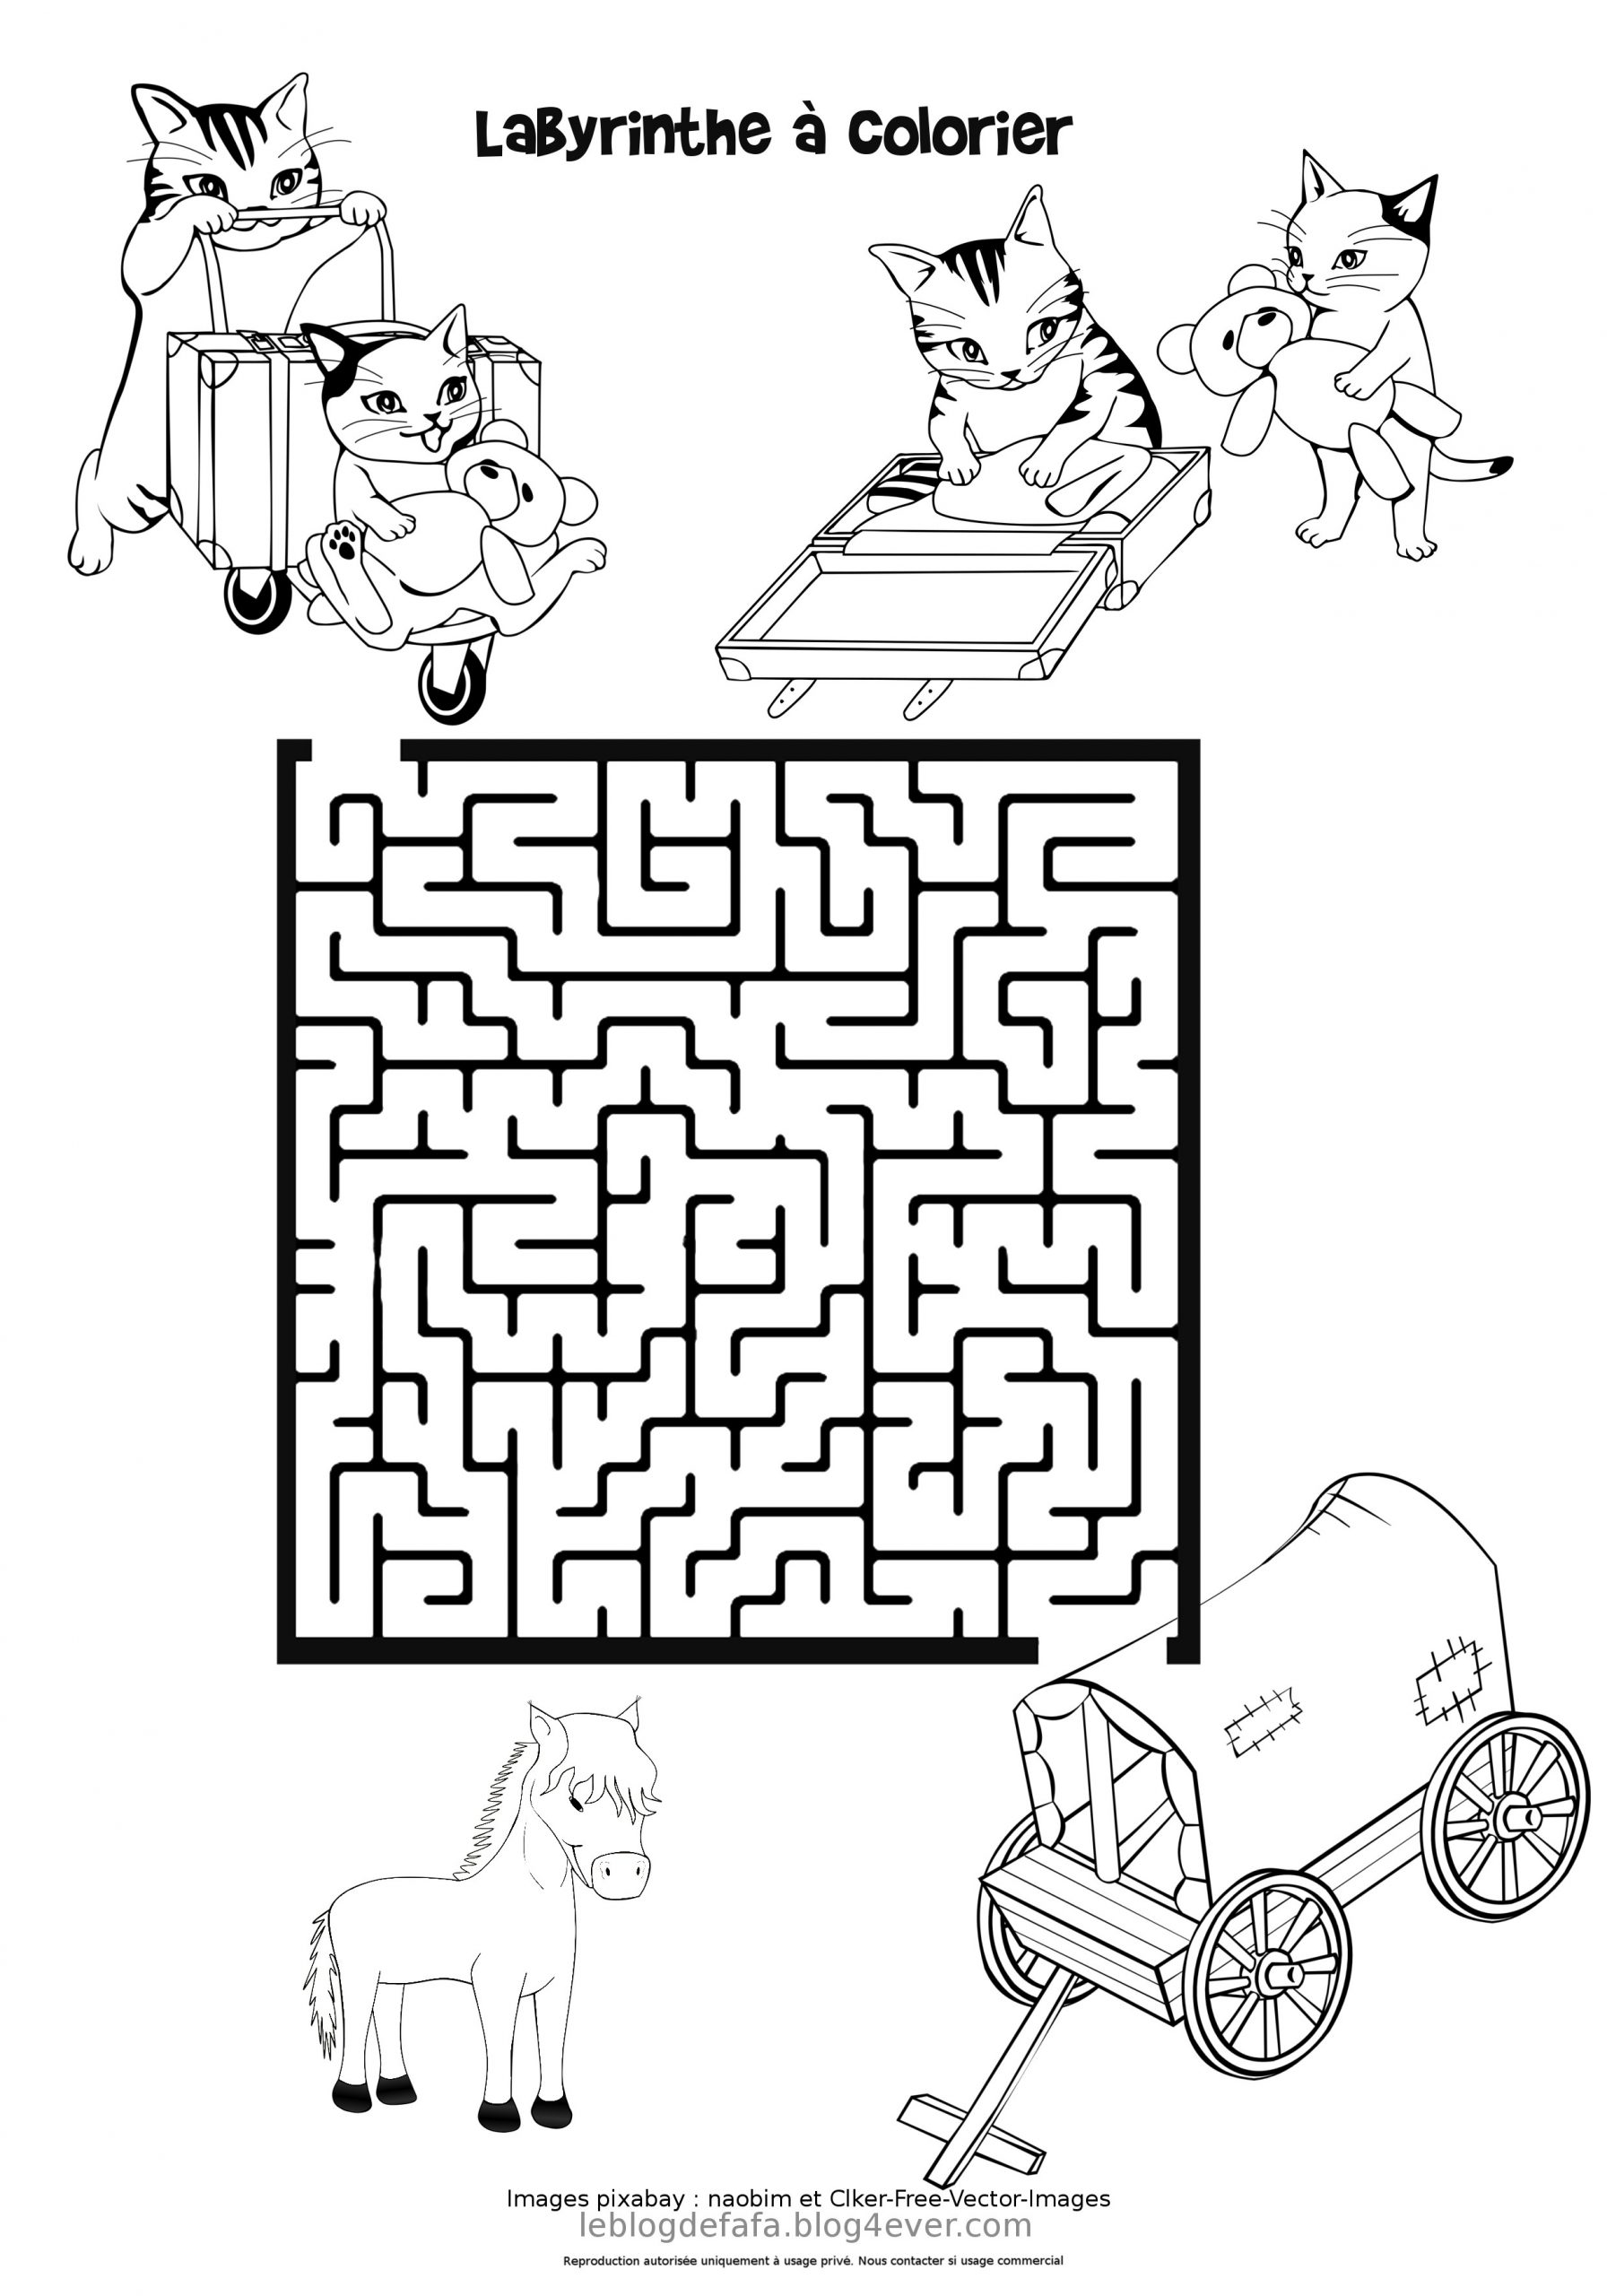 Jeux Chevaux Gratuits À Imprimer : Labyrinthes, Apprendre À pour Jeux De Points À Relier